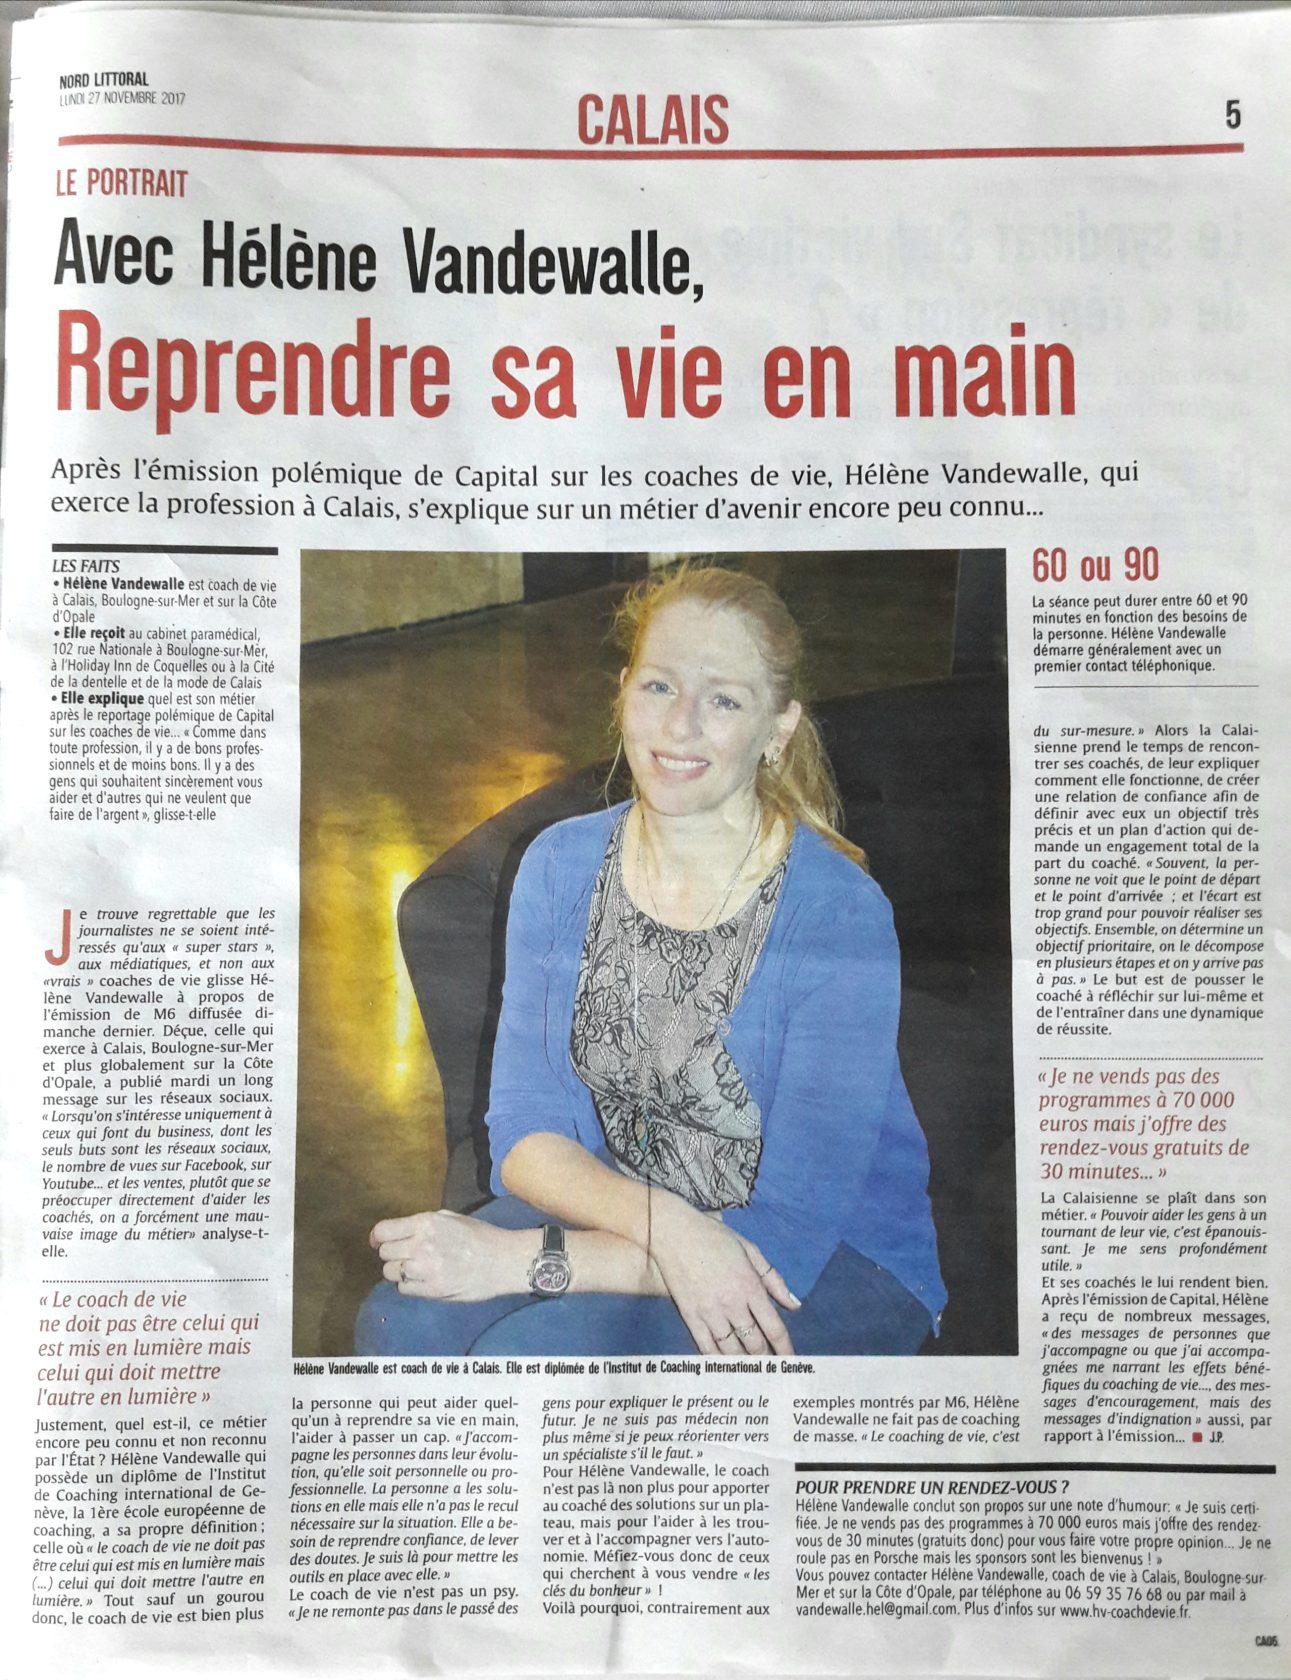 Hélène Vandewalle, Coach de Vie certifiée, article de presse de Nord Littoral Calais, novembre 2017